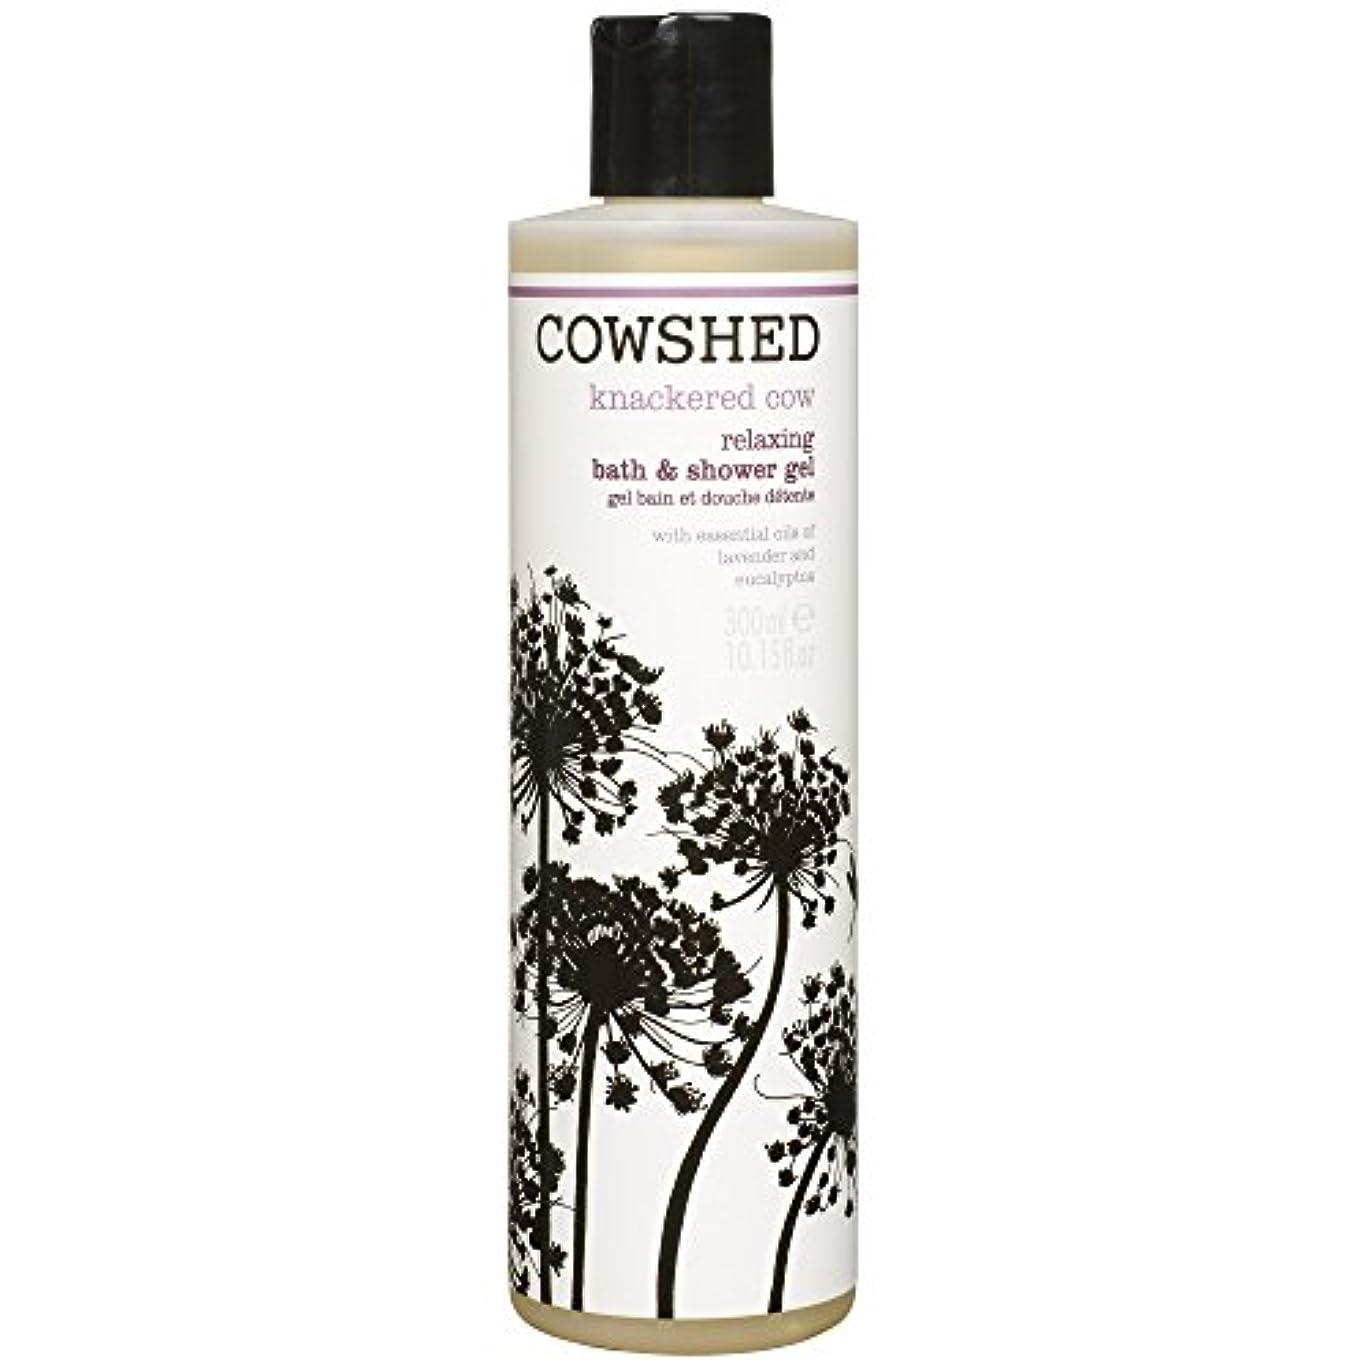 気をつけて魚影響を受けやすいです牛舎は、バス&シャワージェル300ミリリットルを緩和牛をくたくたに疲れました (Cowshed) - Cowshed Knackered Cow Relaxing Bath & Shower Gel 300ml [並行輸入品]